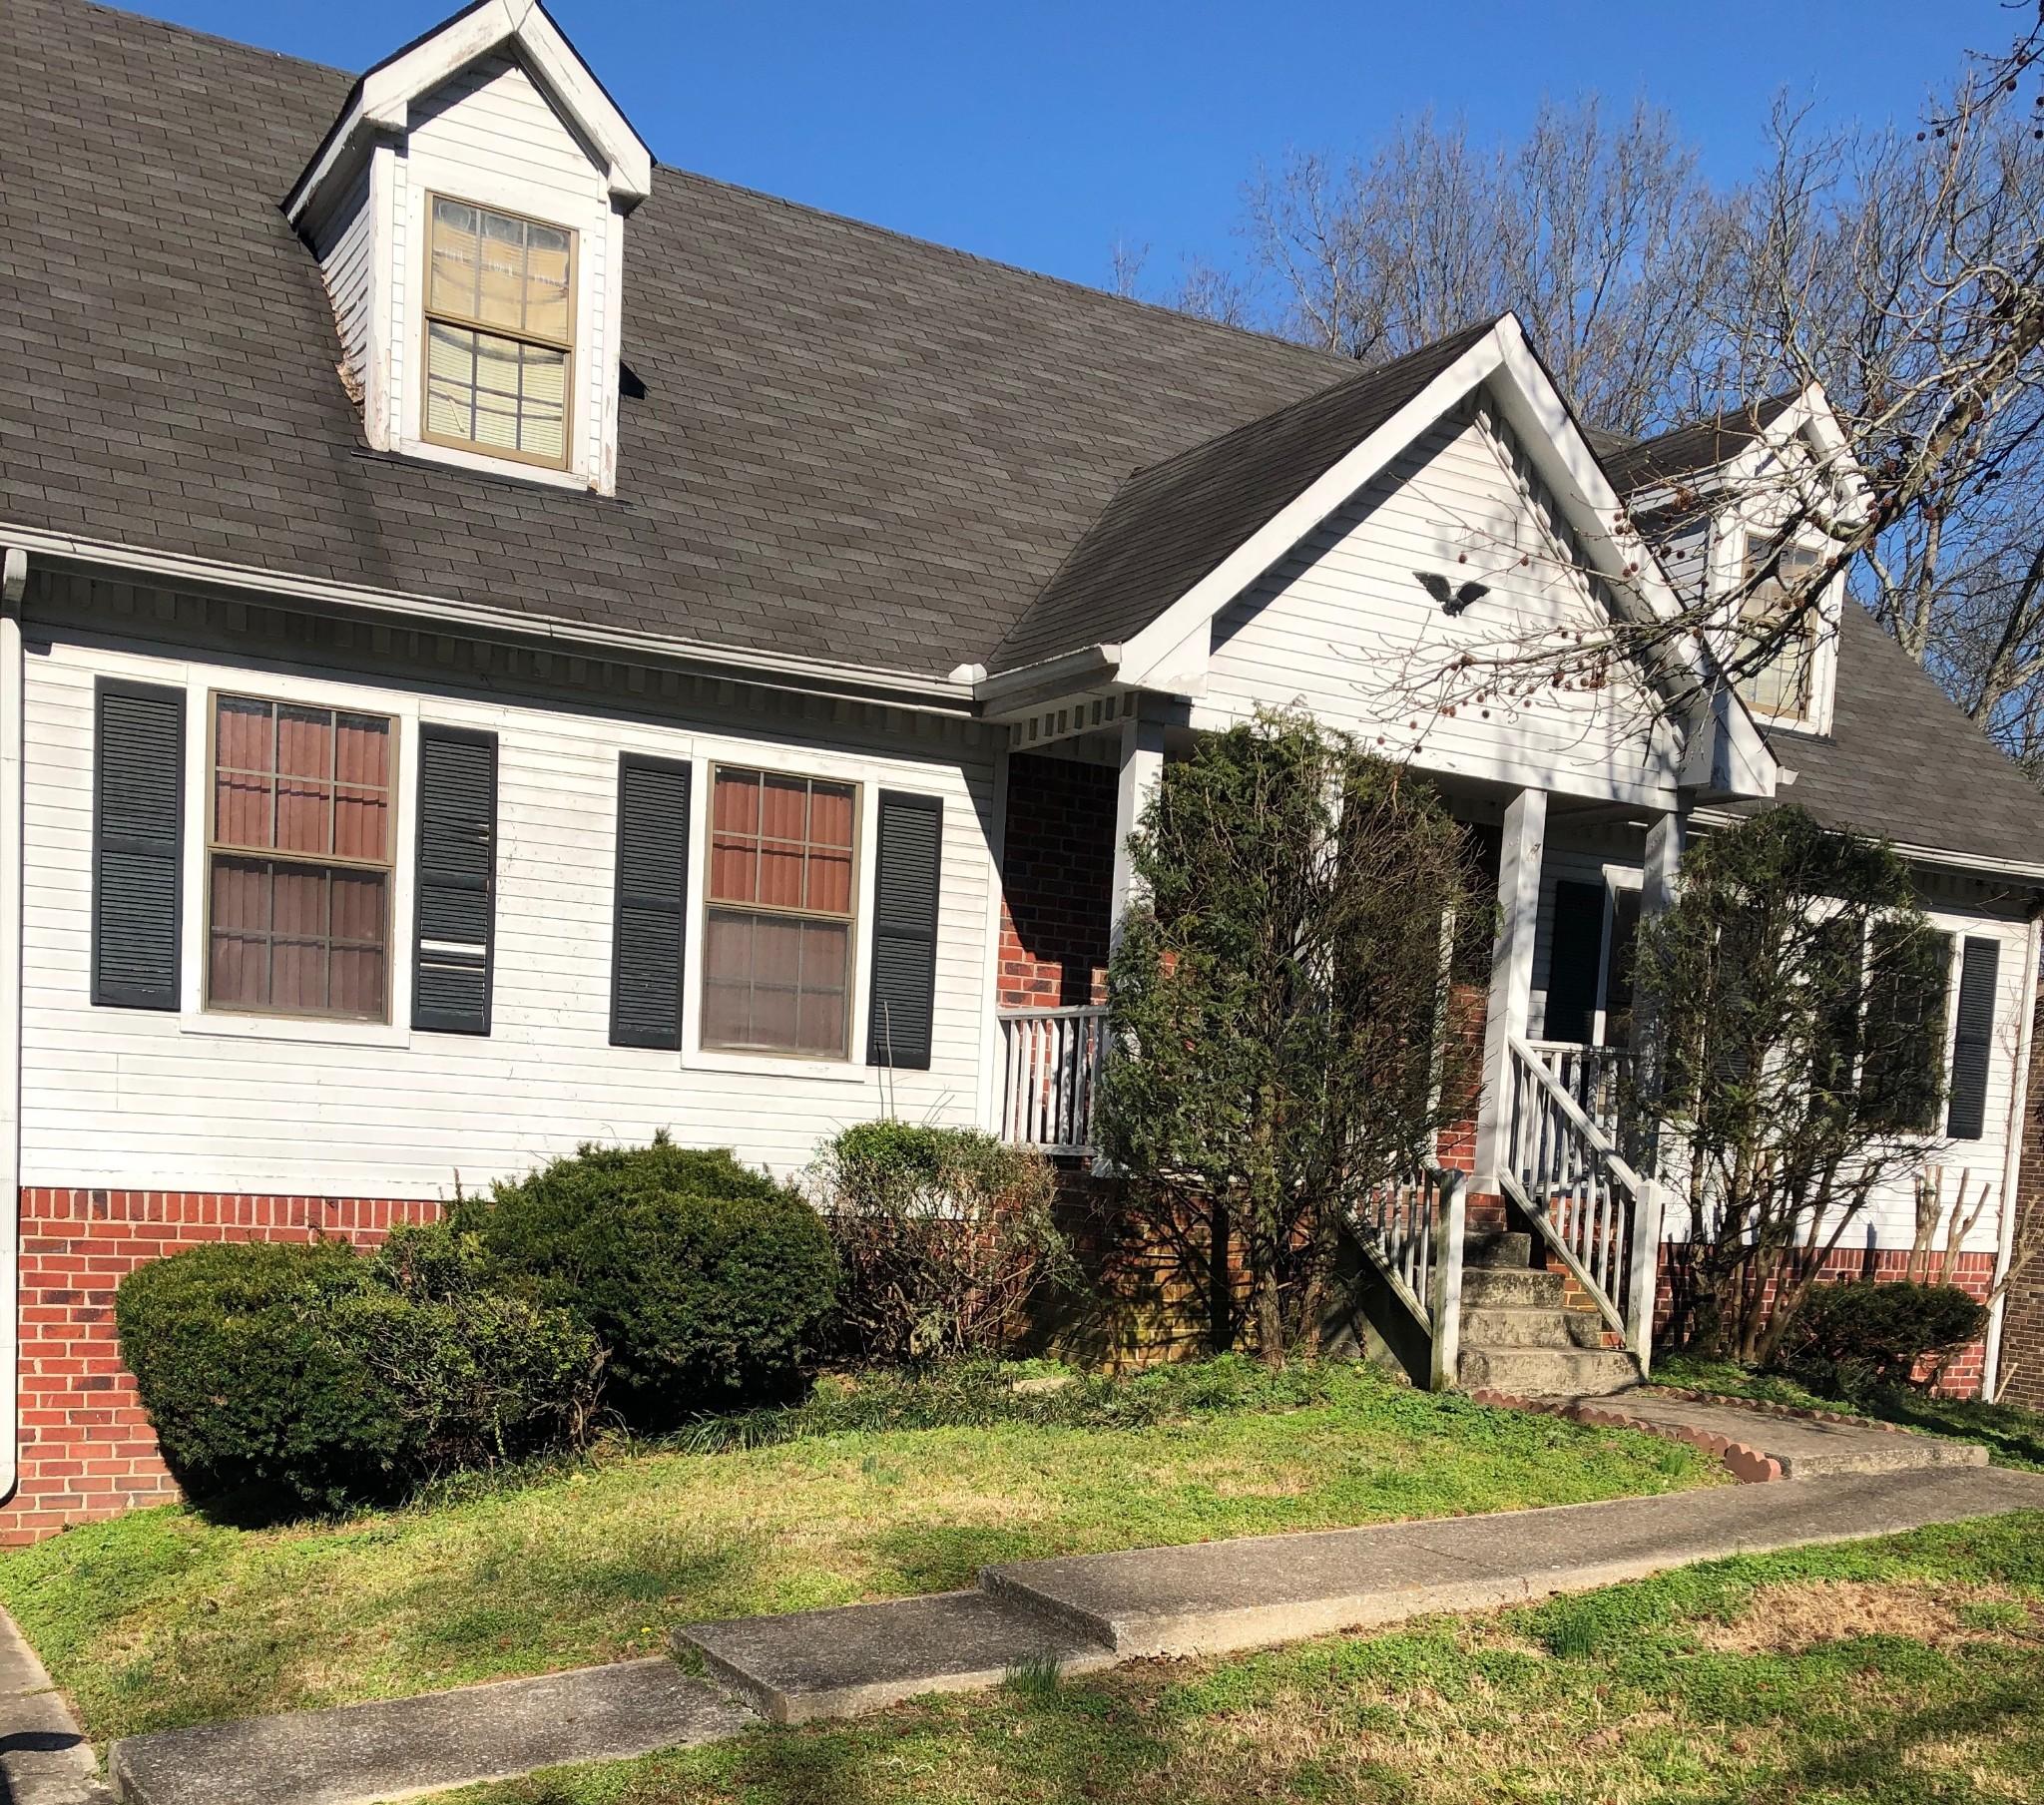 640 Bluewater Dr, Nashville, TN 37217 - Nashville, TN real estate listing